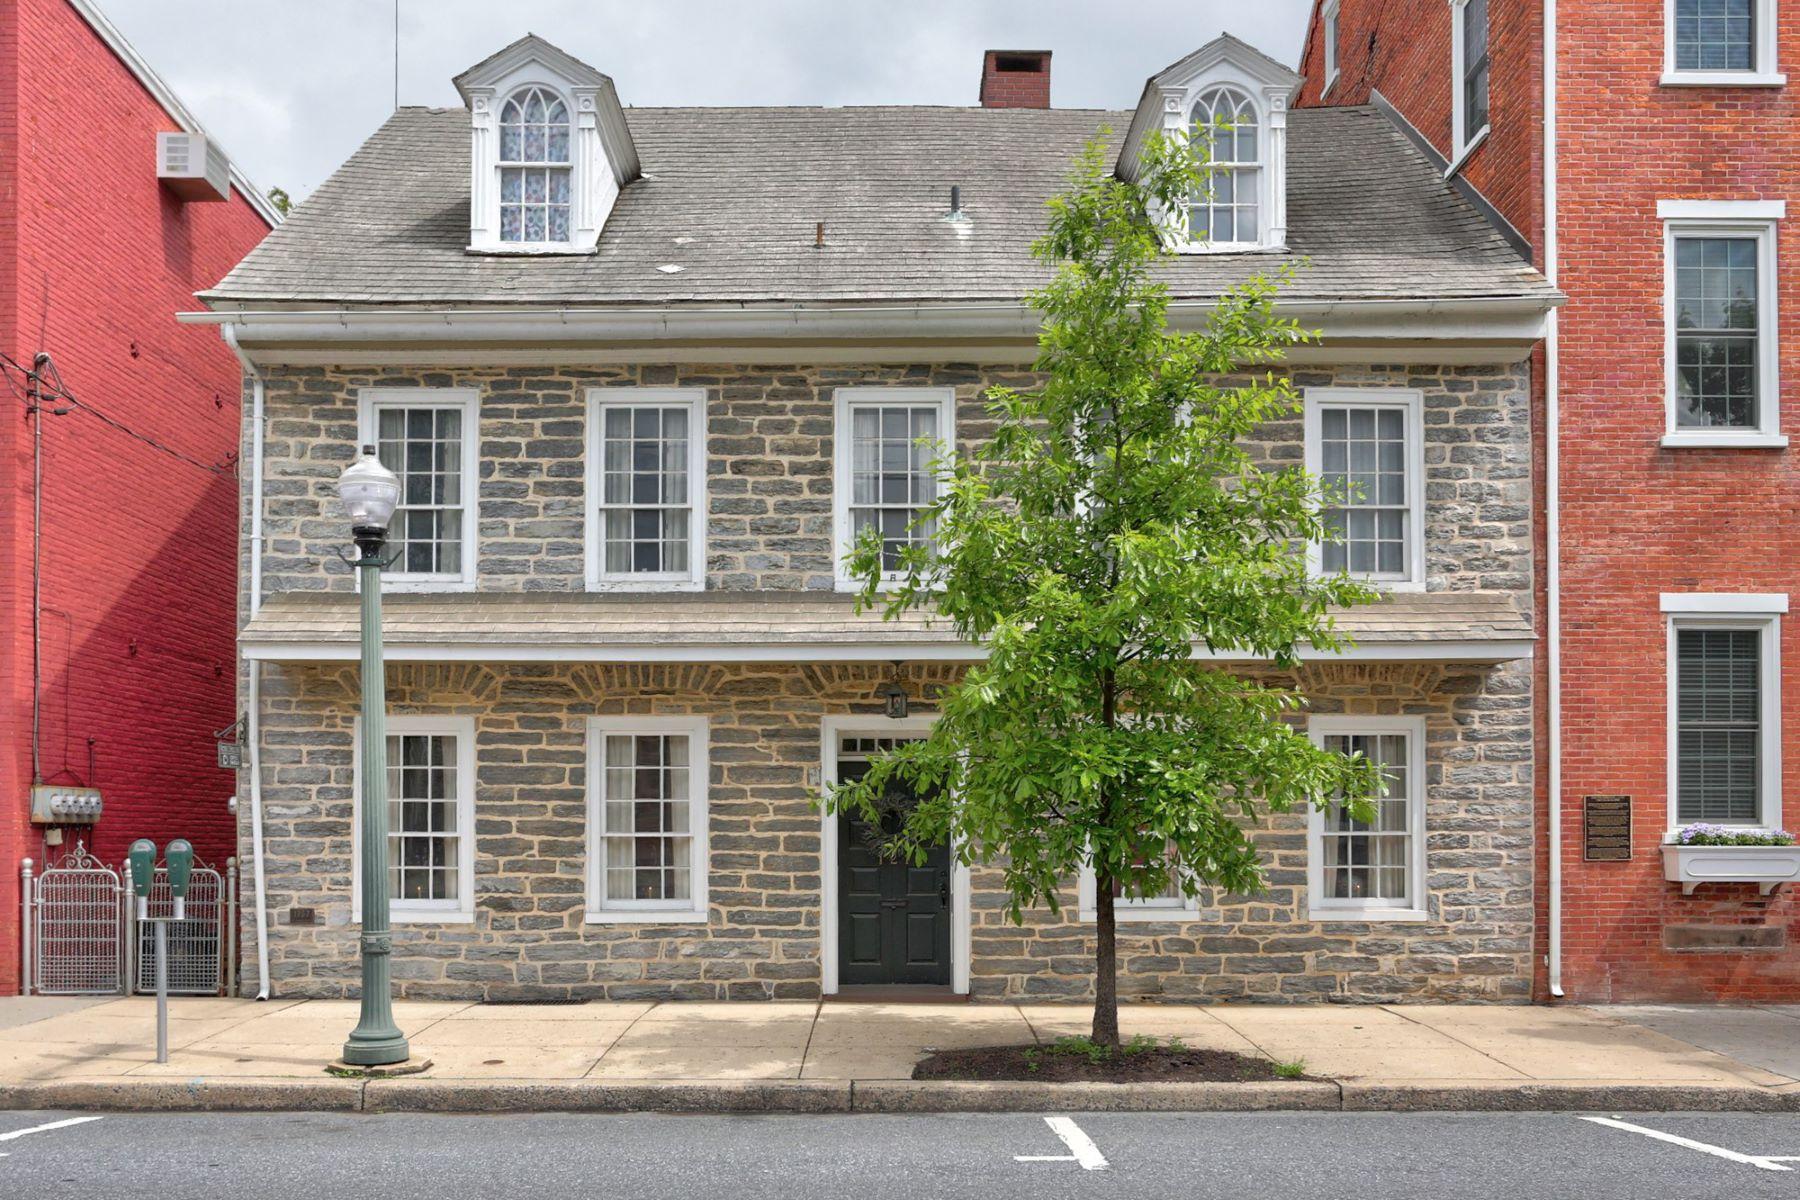 Casa Unifamiliar por un Venta en 121 E Main Street 121 E Main Street Lititz, Pennsylvania 17543 Estados Unidos